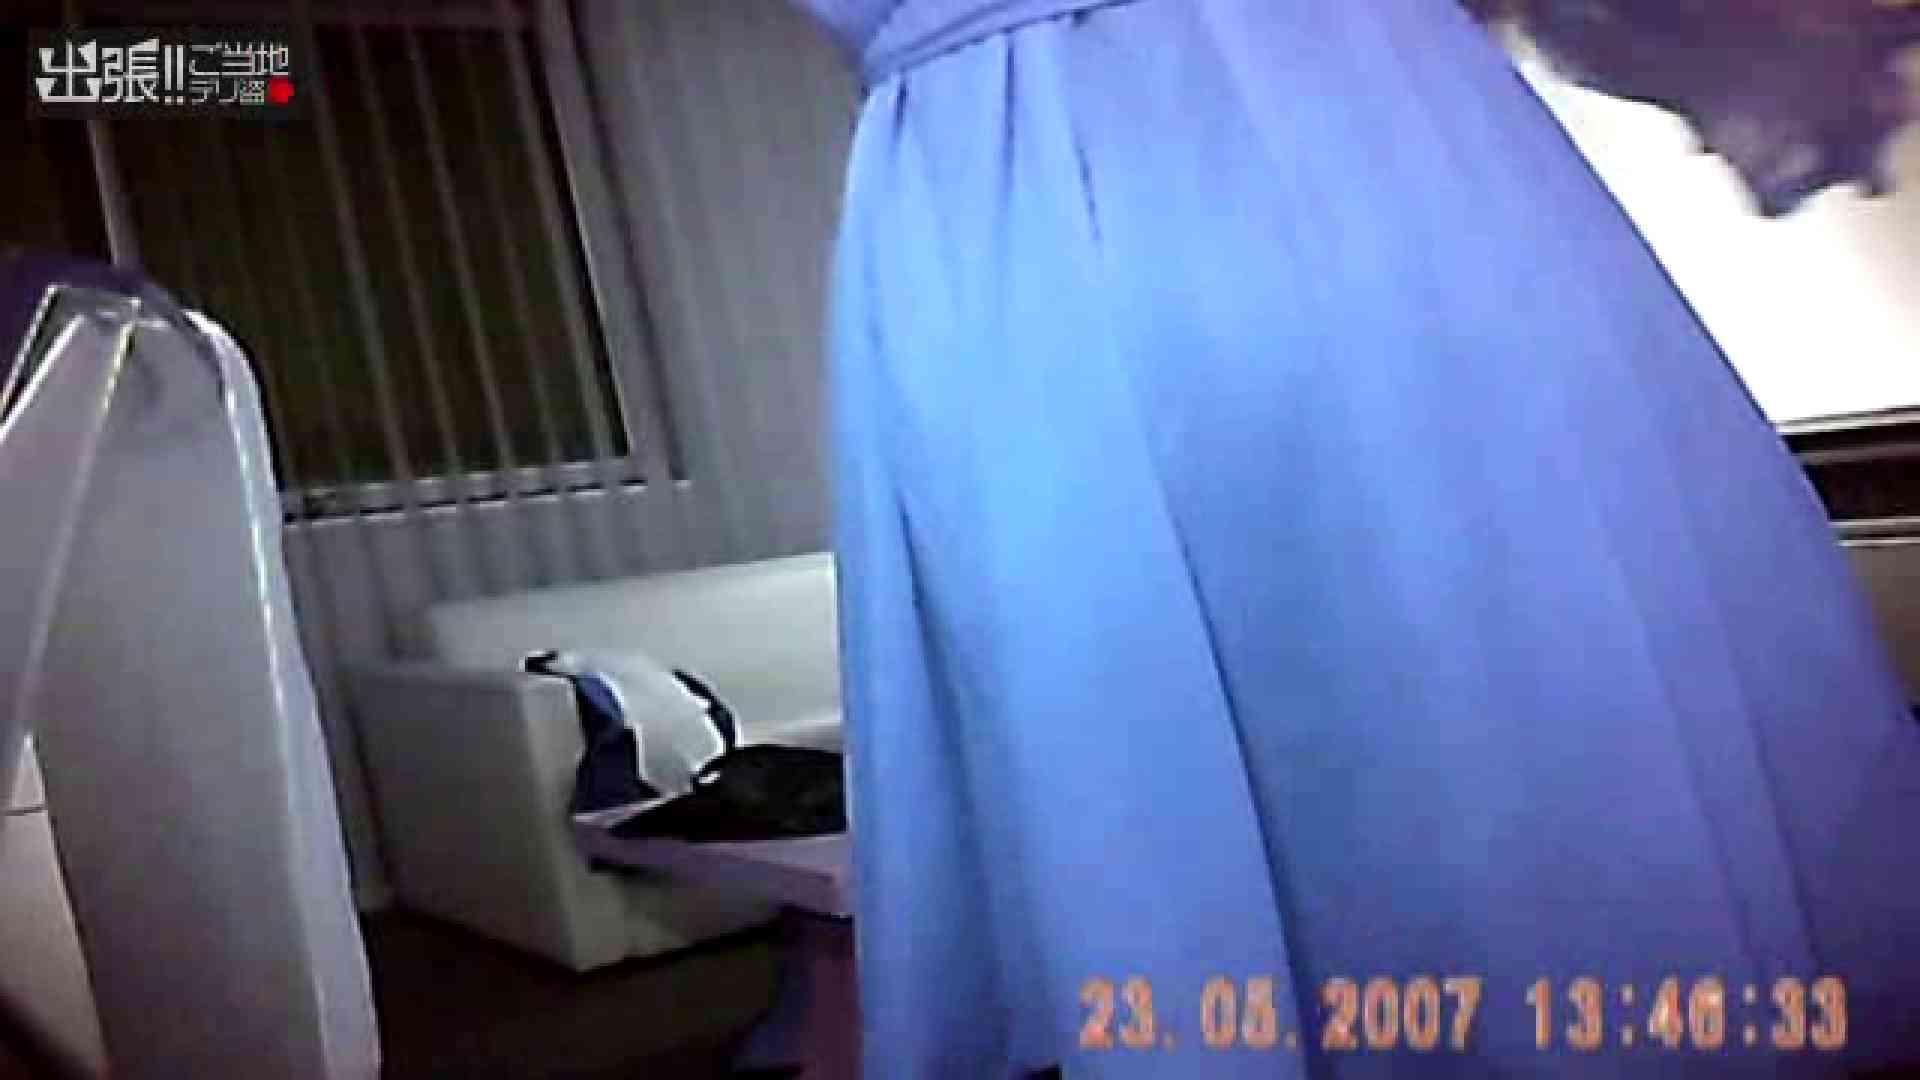 出張リーマンのデリ嬢隠し撮り第3弾vol.4 投稿   盗撮師作品  81pic 13